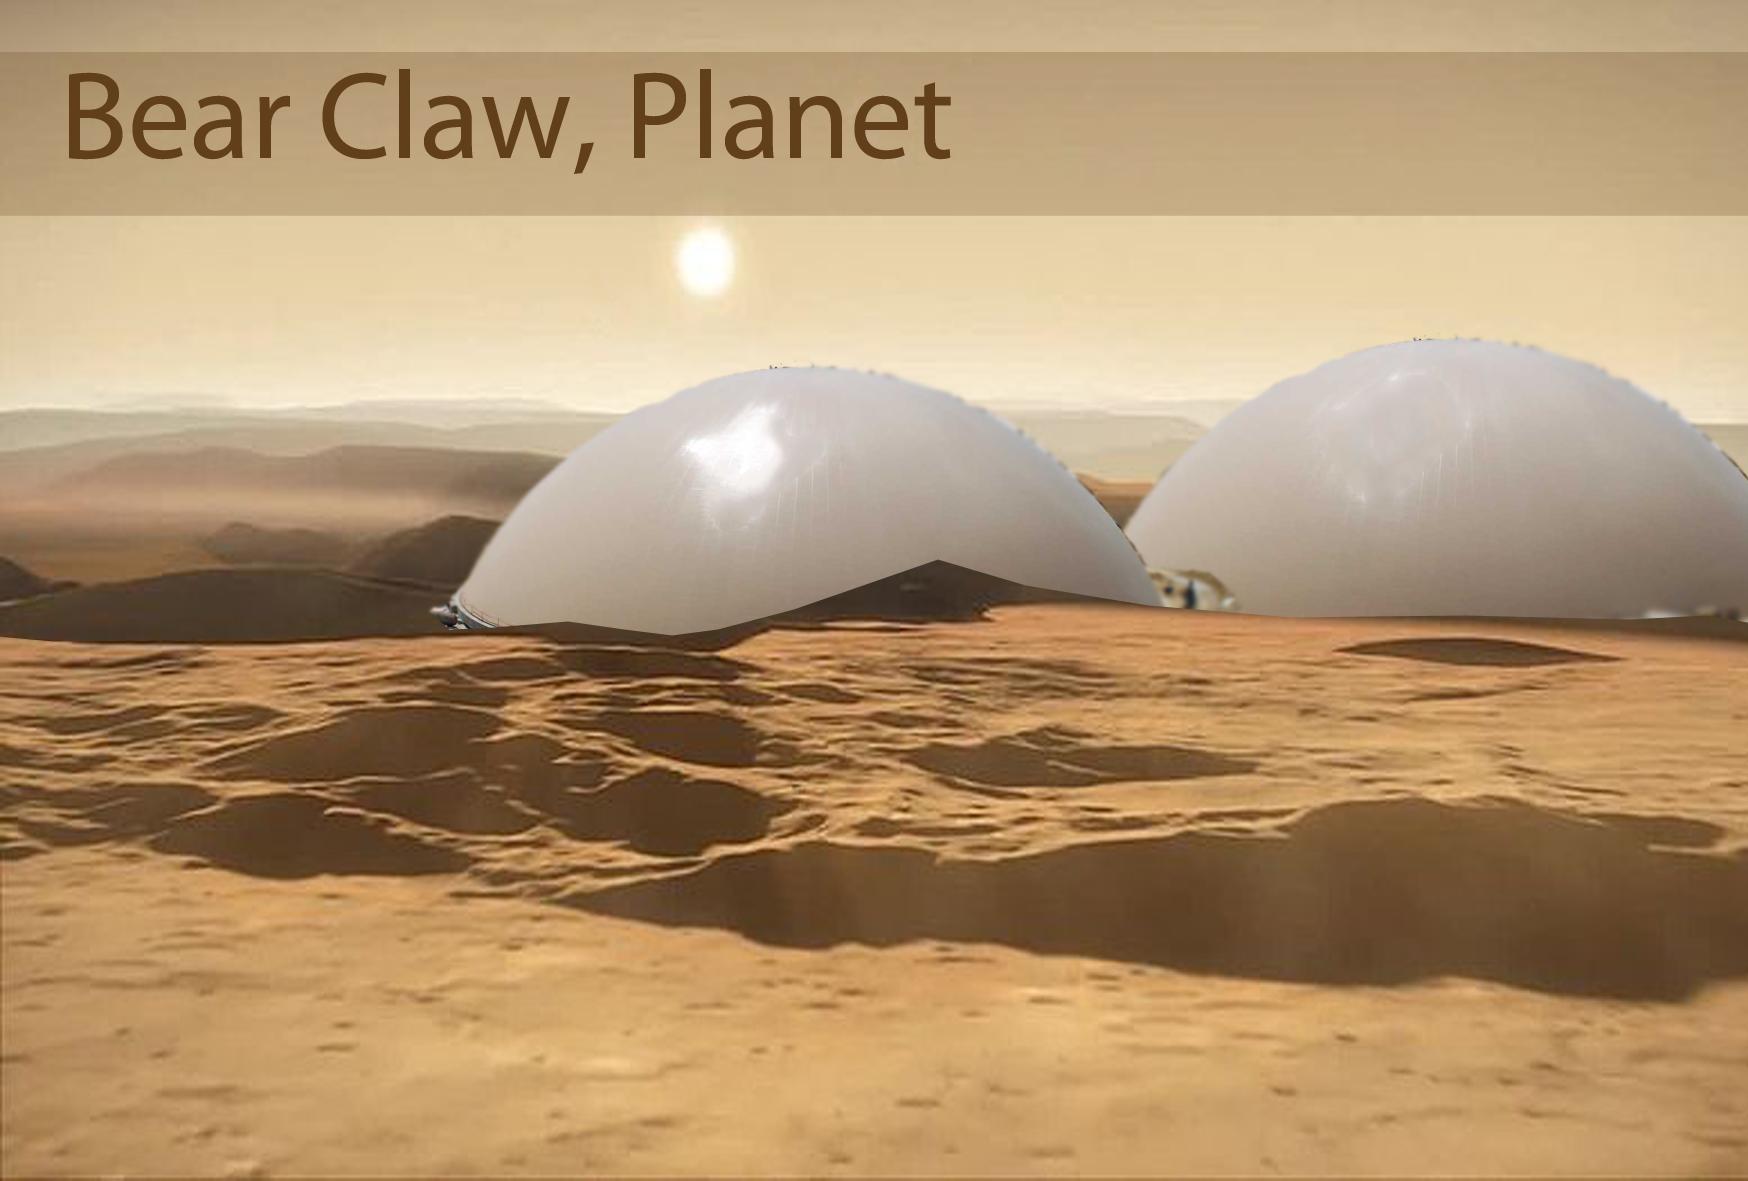 Bear Claw, Planet